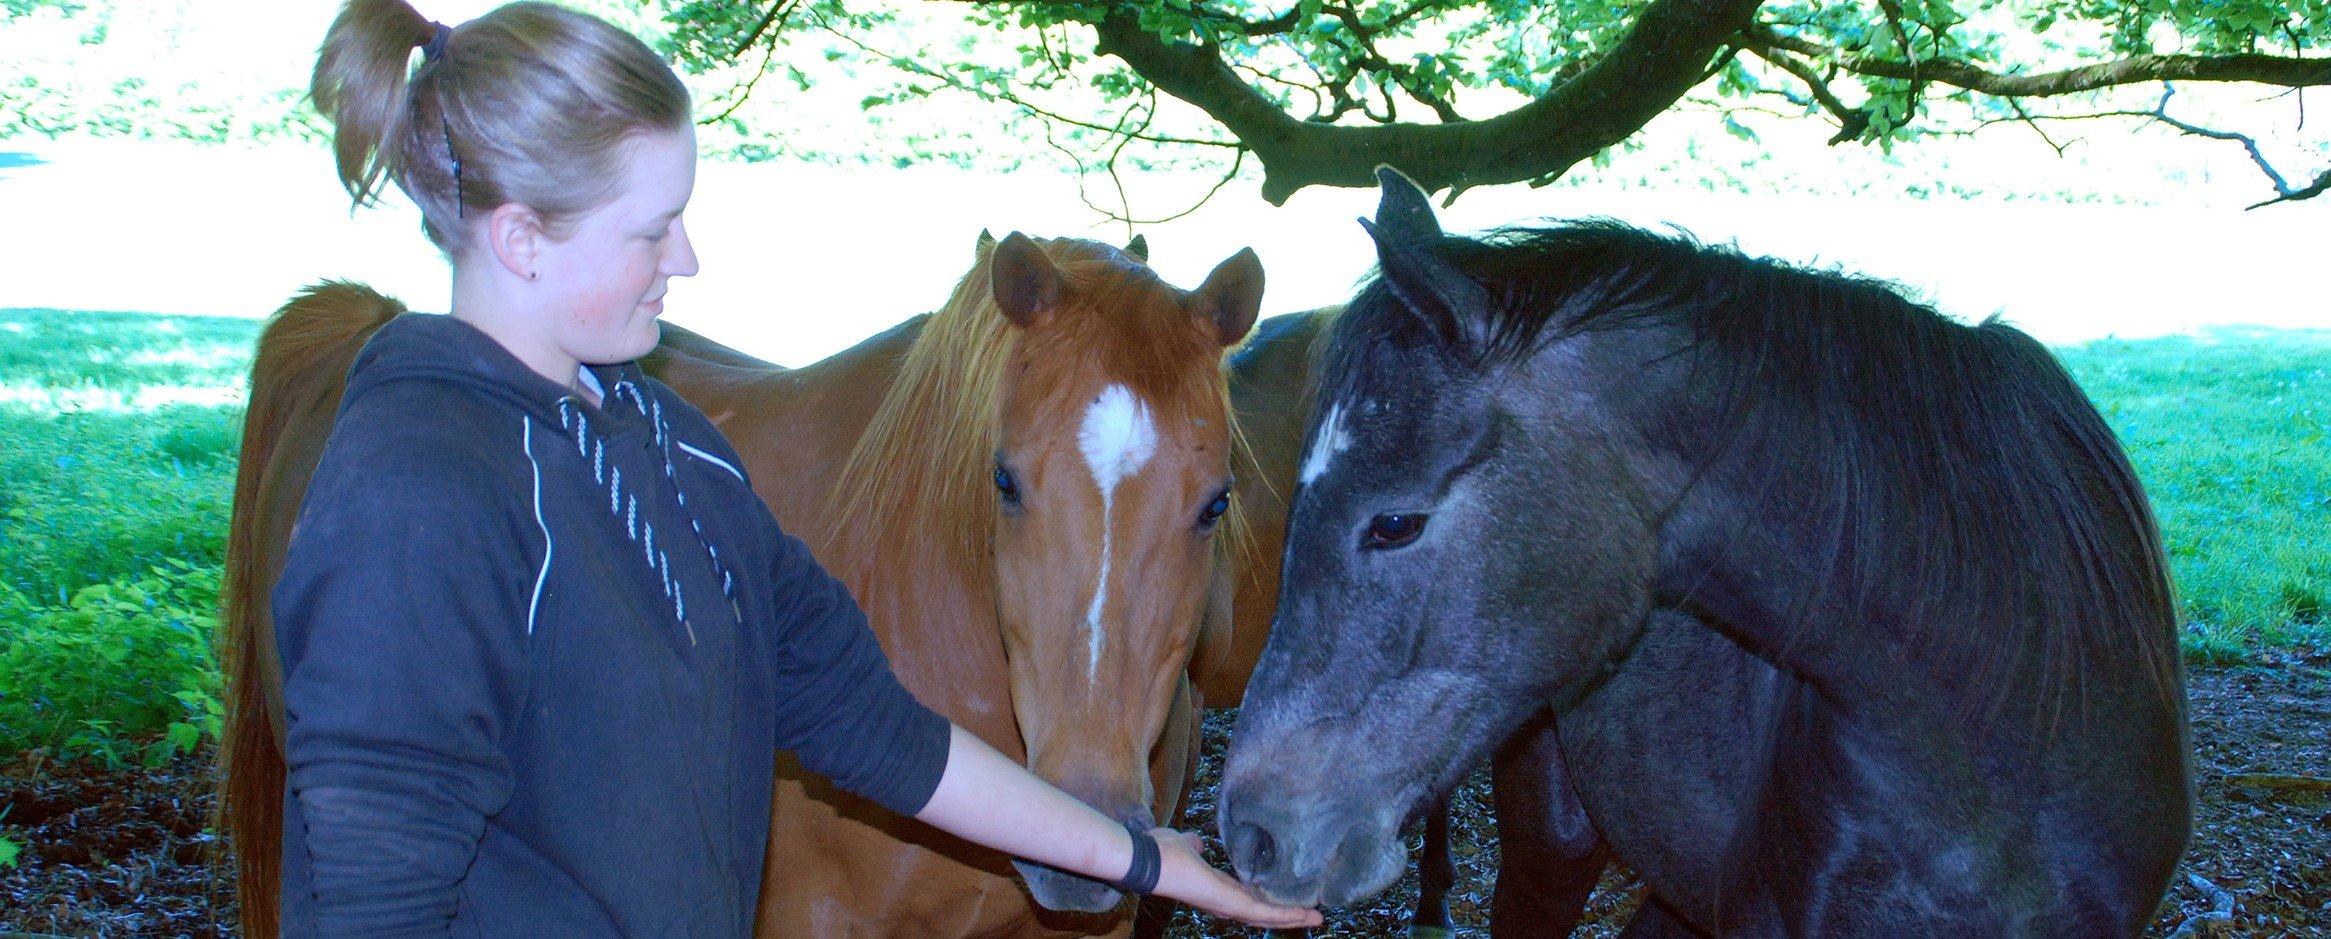 In ihrem FÖJ kümmert sich Jette Reimer viel um die Tiere im Museum. Hier ist sie mit den Senner Stuten Odette (Fuchs) und Xenia zu sehen. Foto: LWL/Lakenbrink